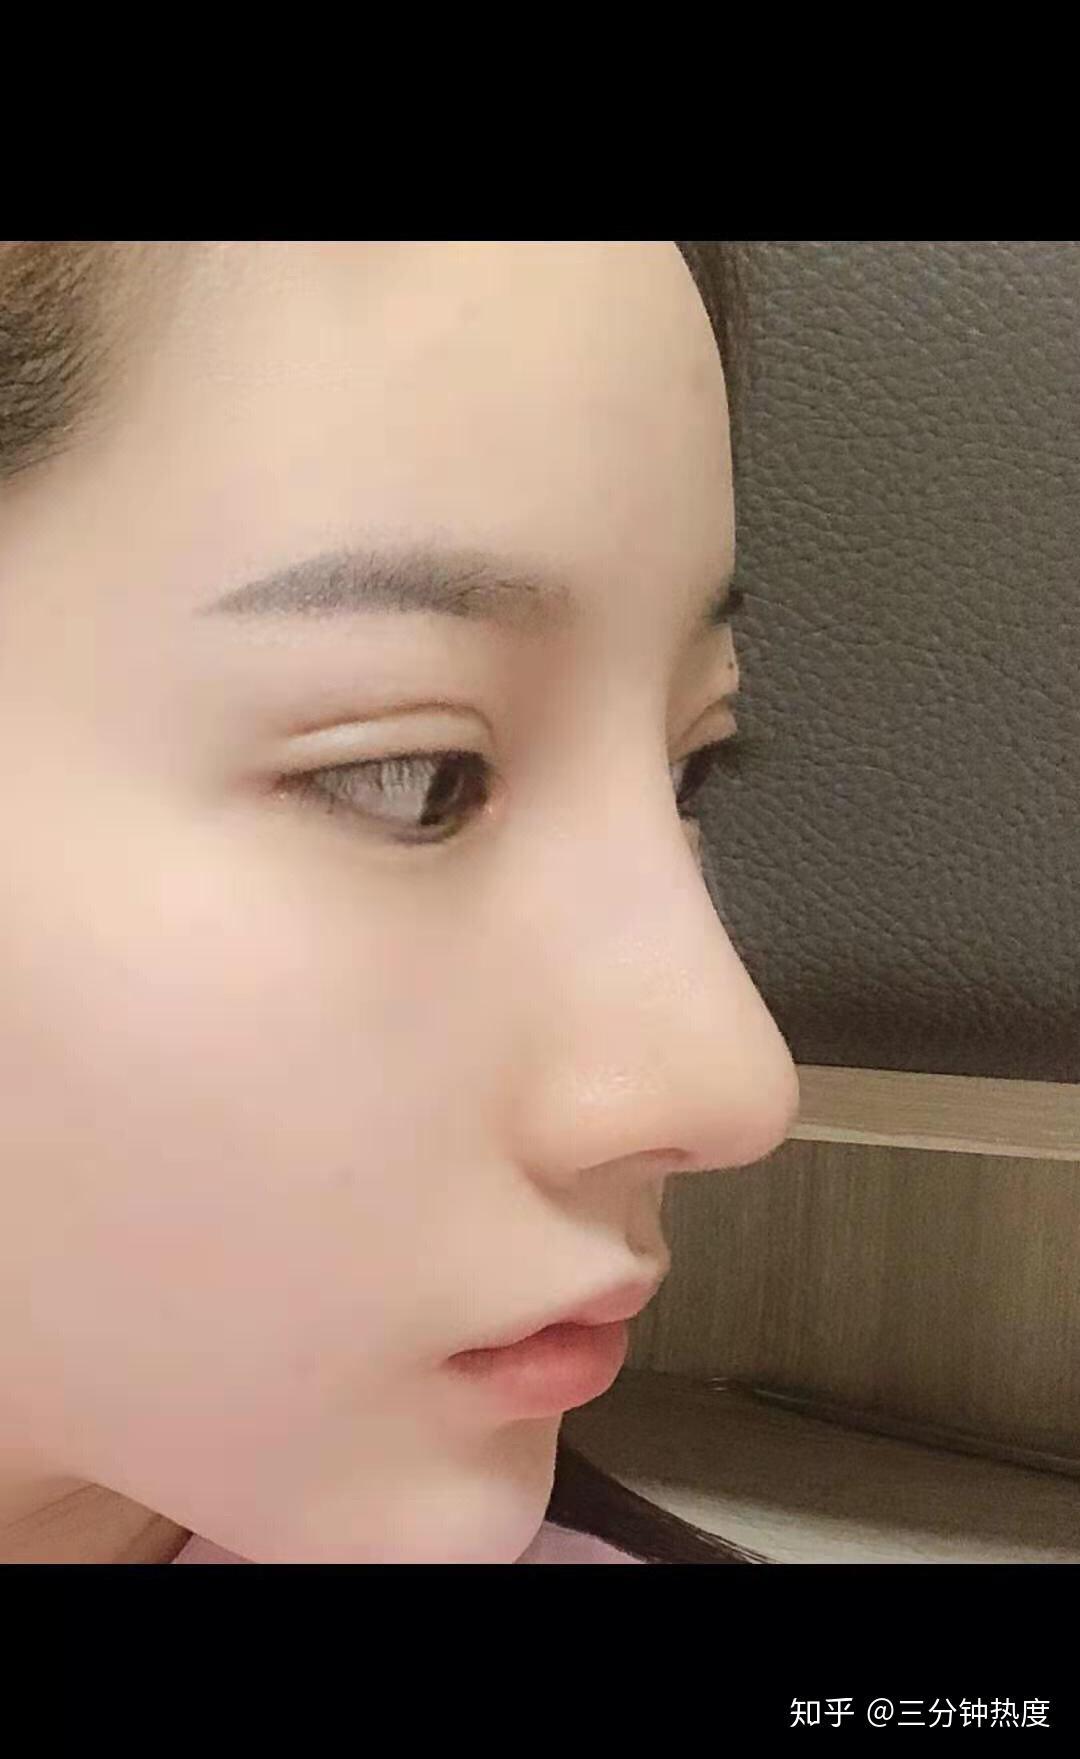 医院用的生理盐水_割双眼皮有什么危险吗? - 知乎